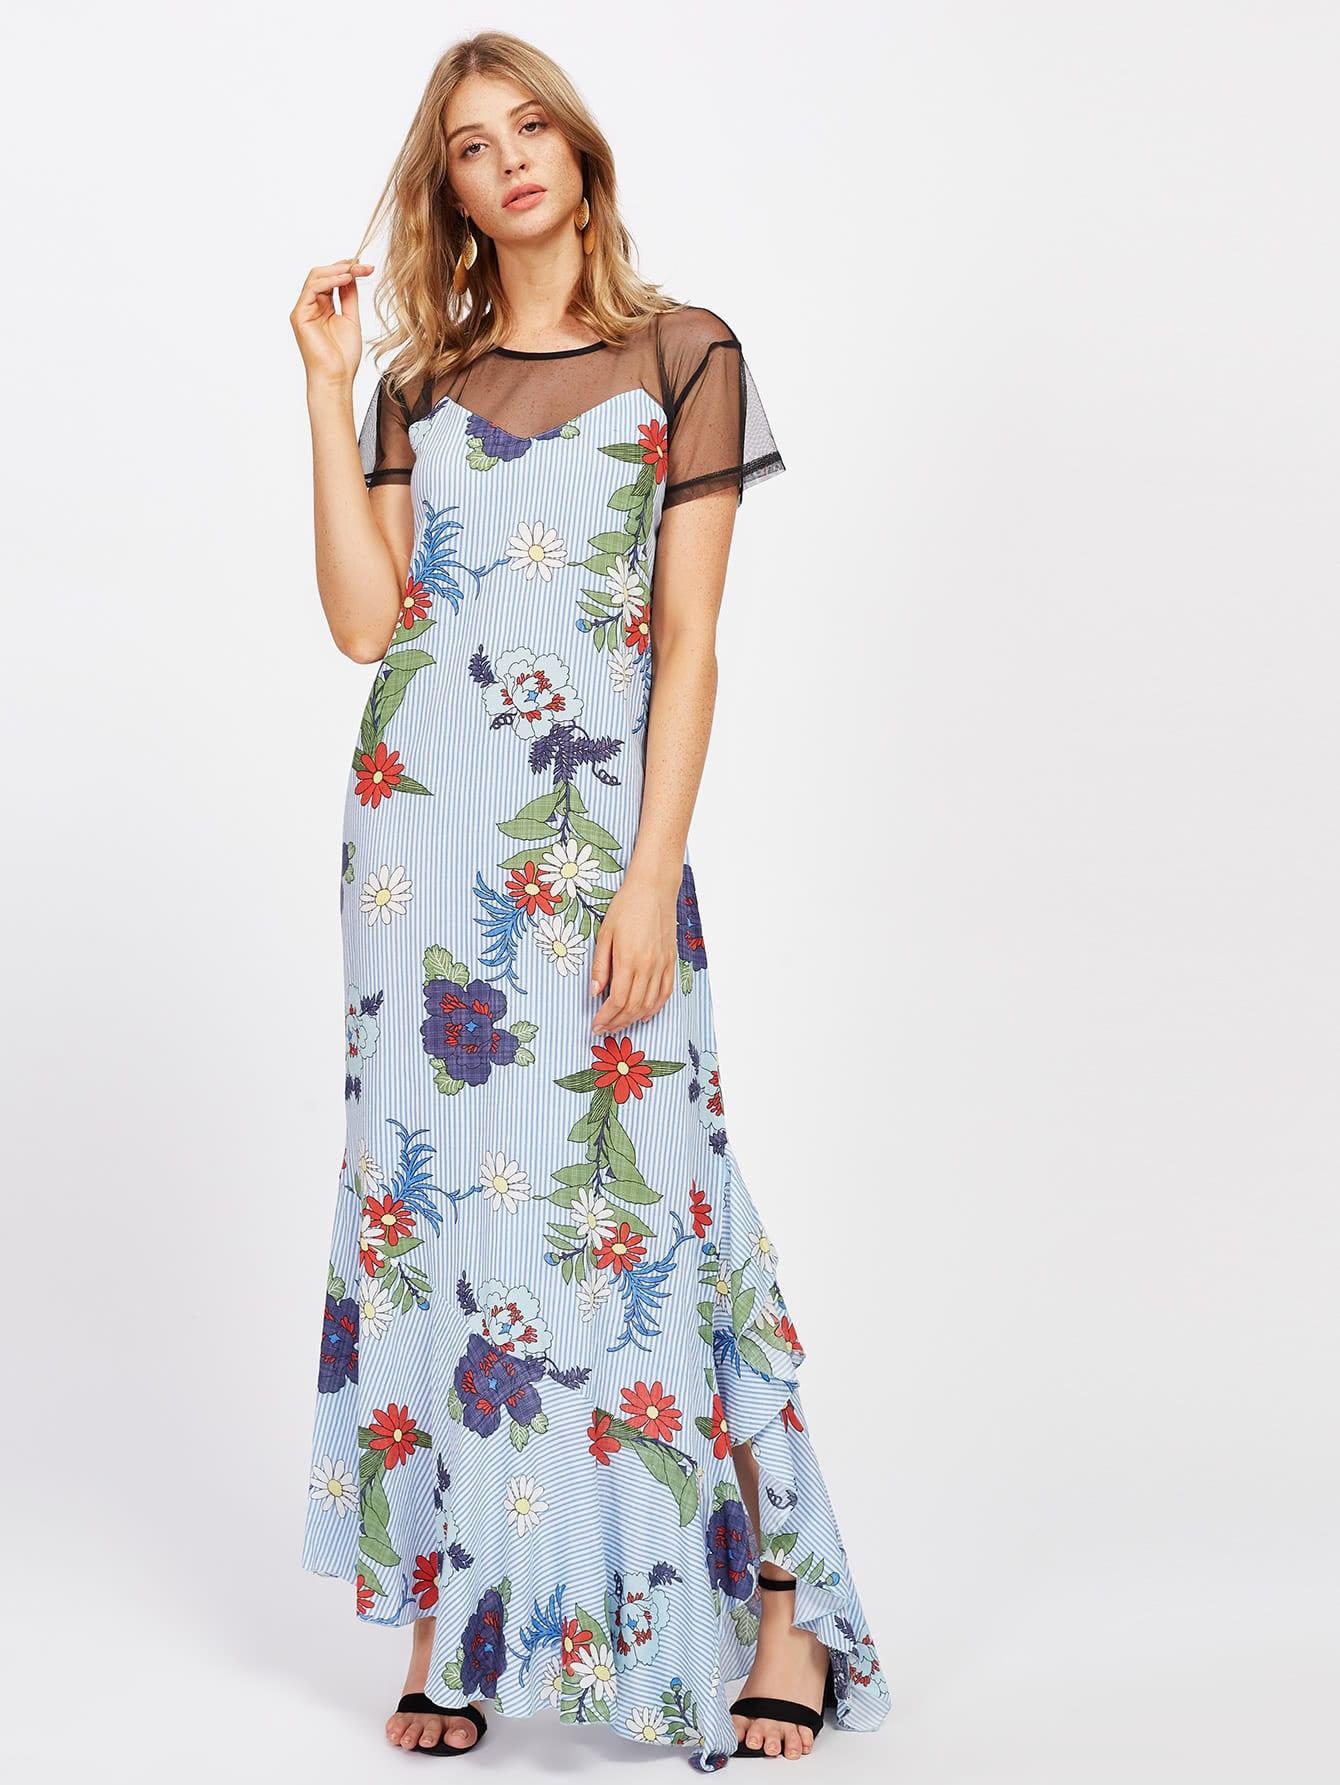 Фото Sheer Mesh Panel Random Florals Frill Hem Striped Dress. Купить с доставкой